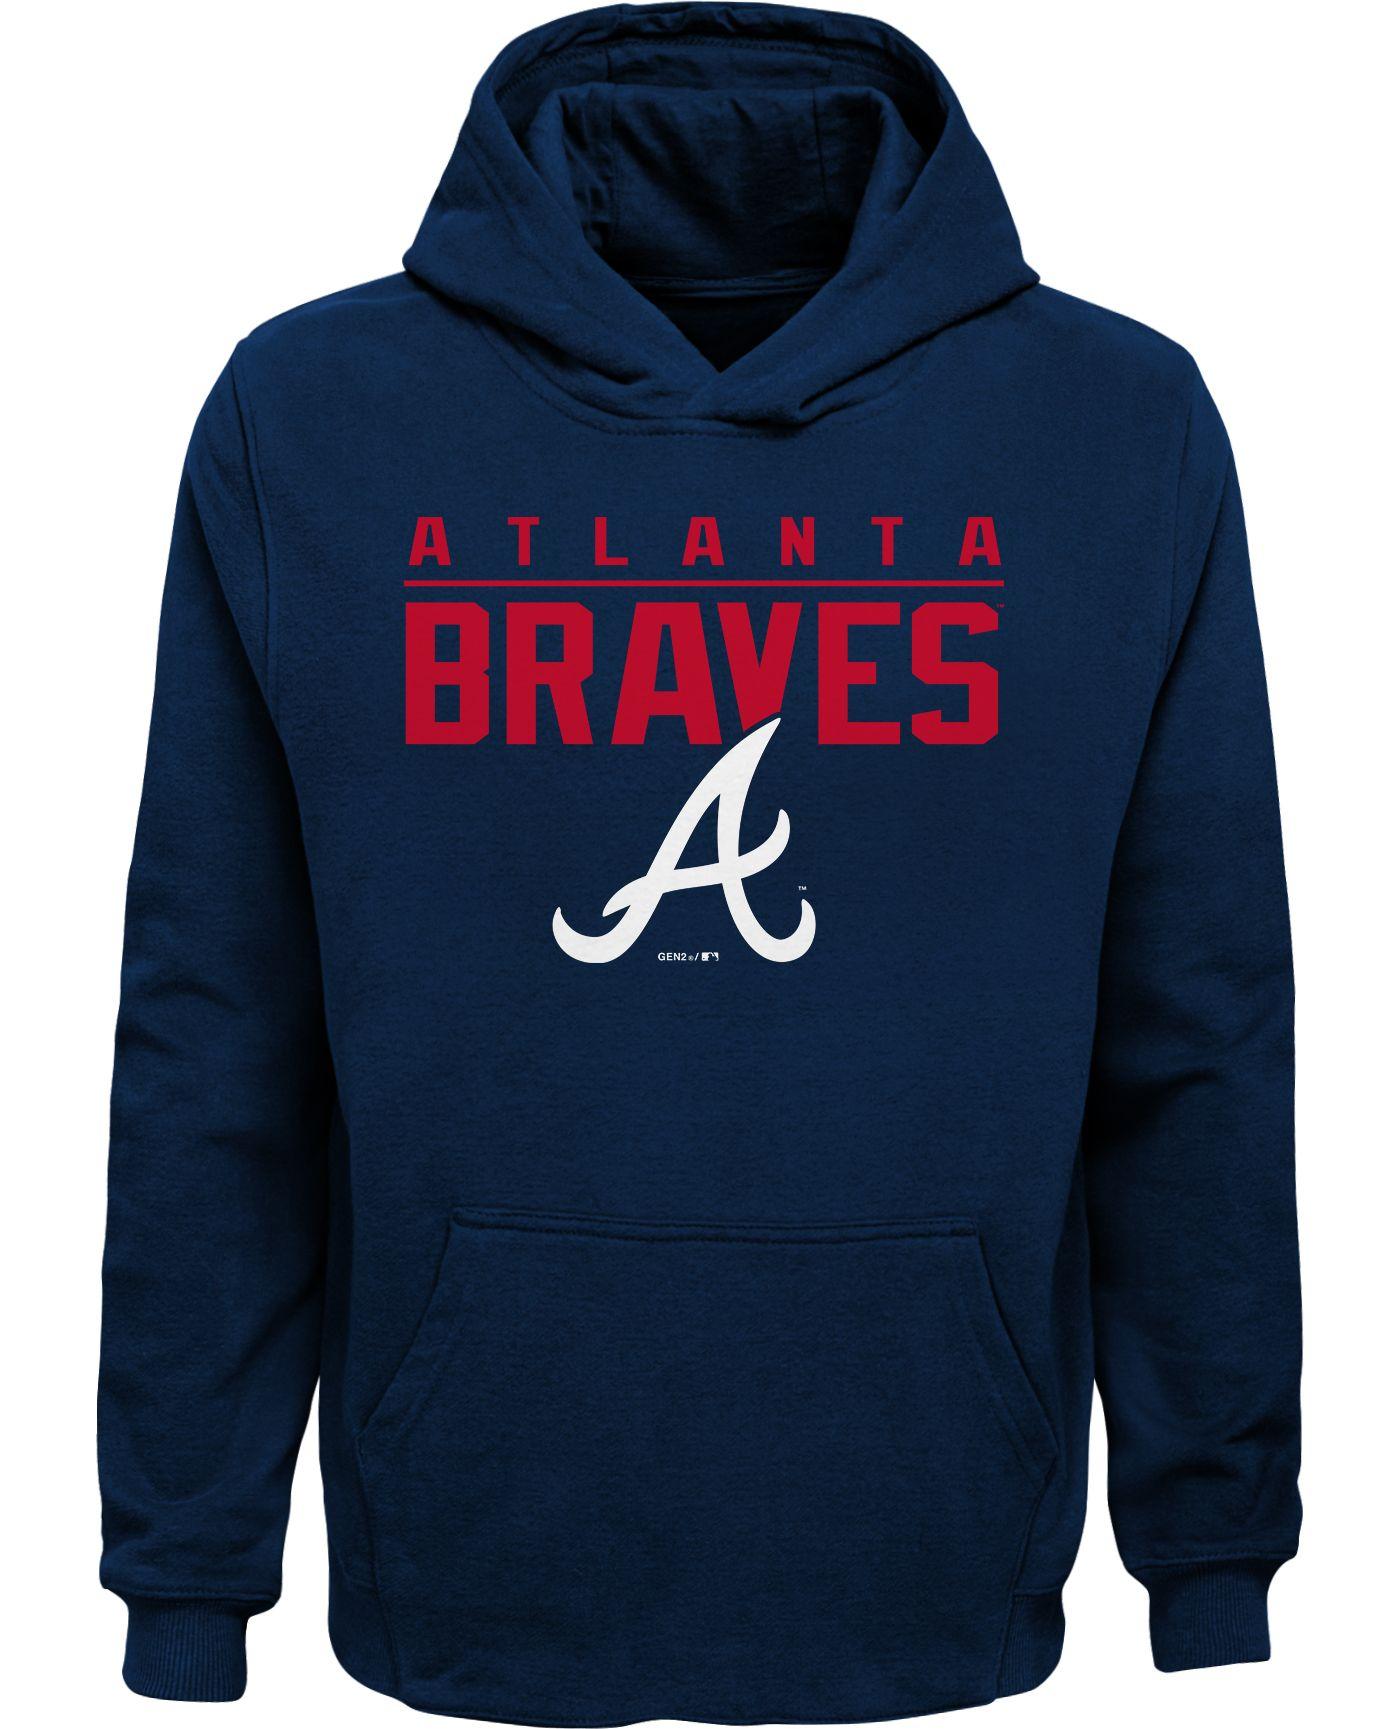 Gen2 Youth Atlanta Braves Pullover Hoodie